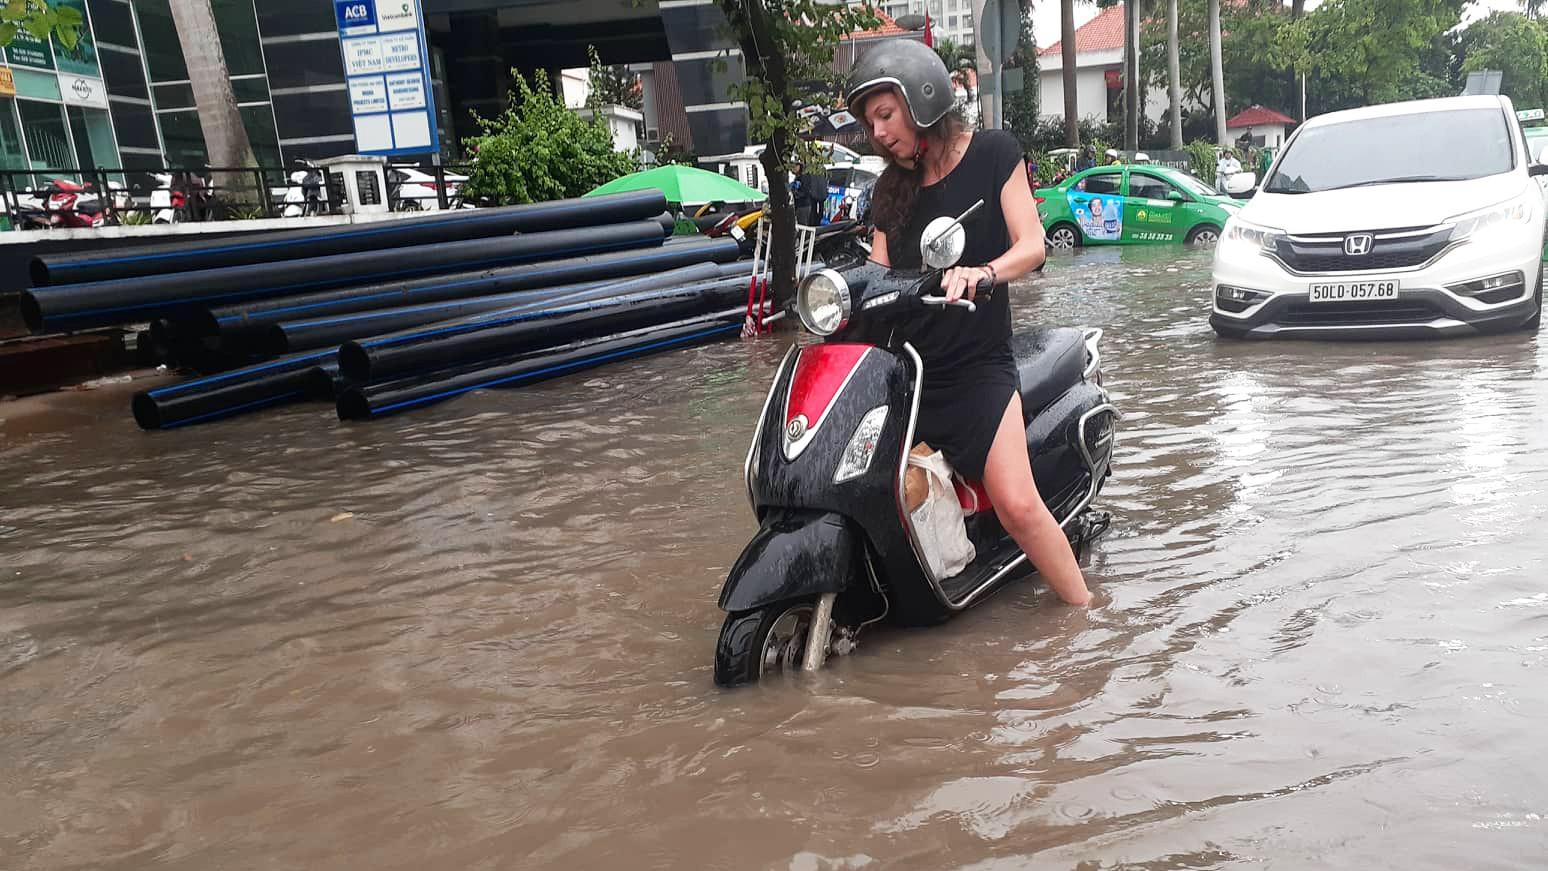 Sài Gòn mưa lớn ngày cuối tuần, đường thành sông, người dân chật vật lội nước về nhà - Ảnh 2.